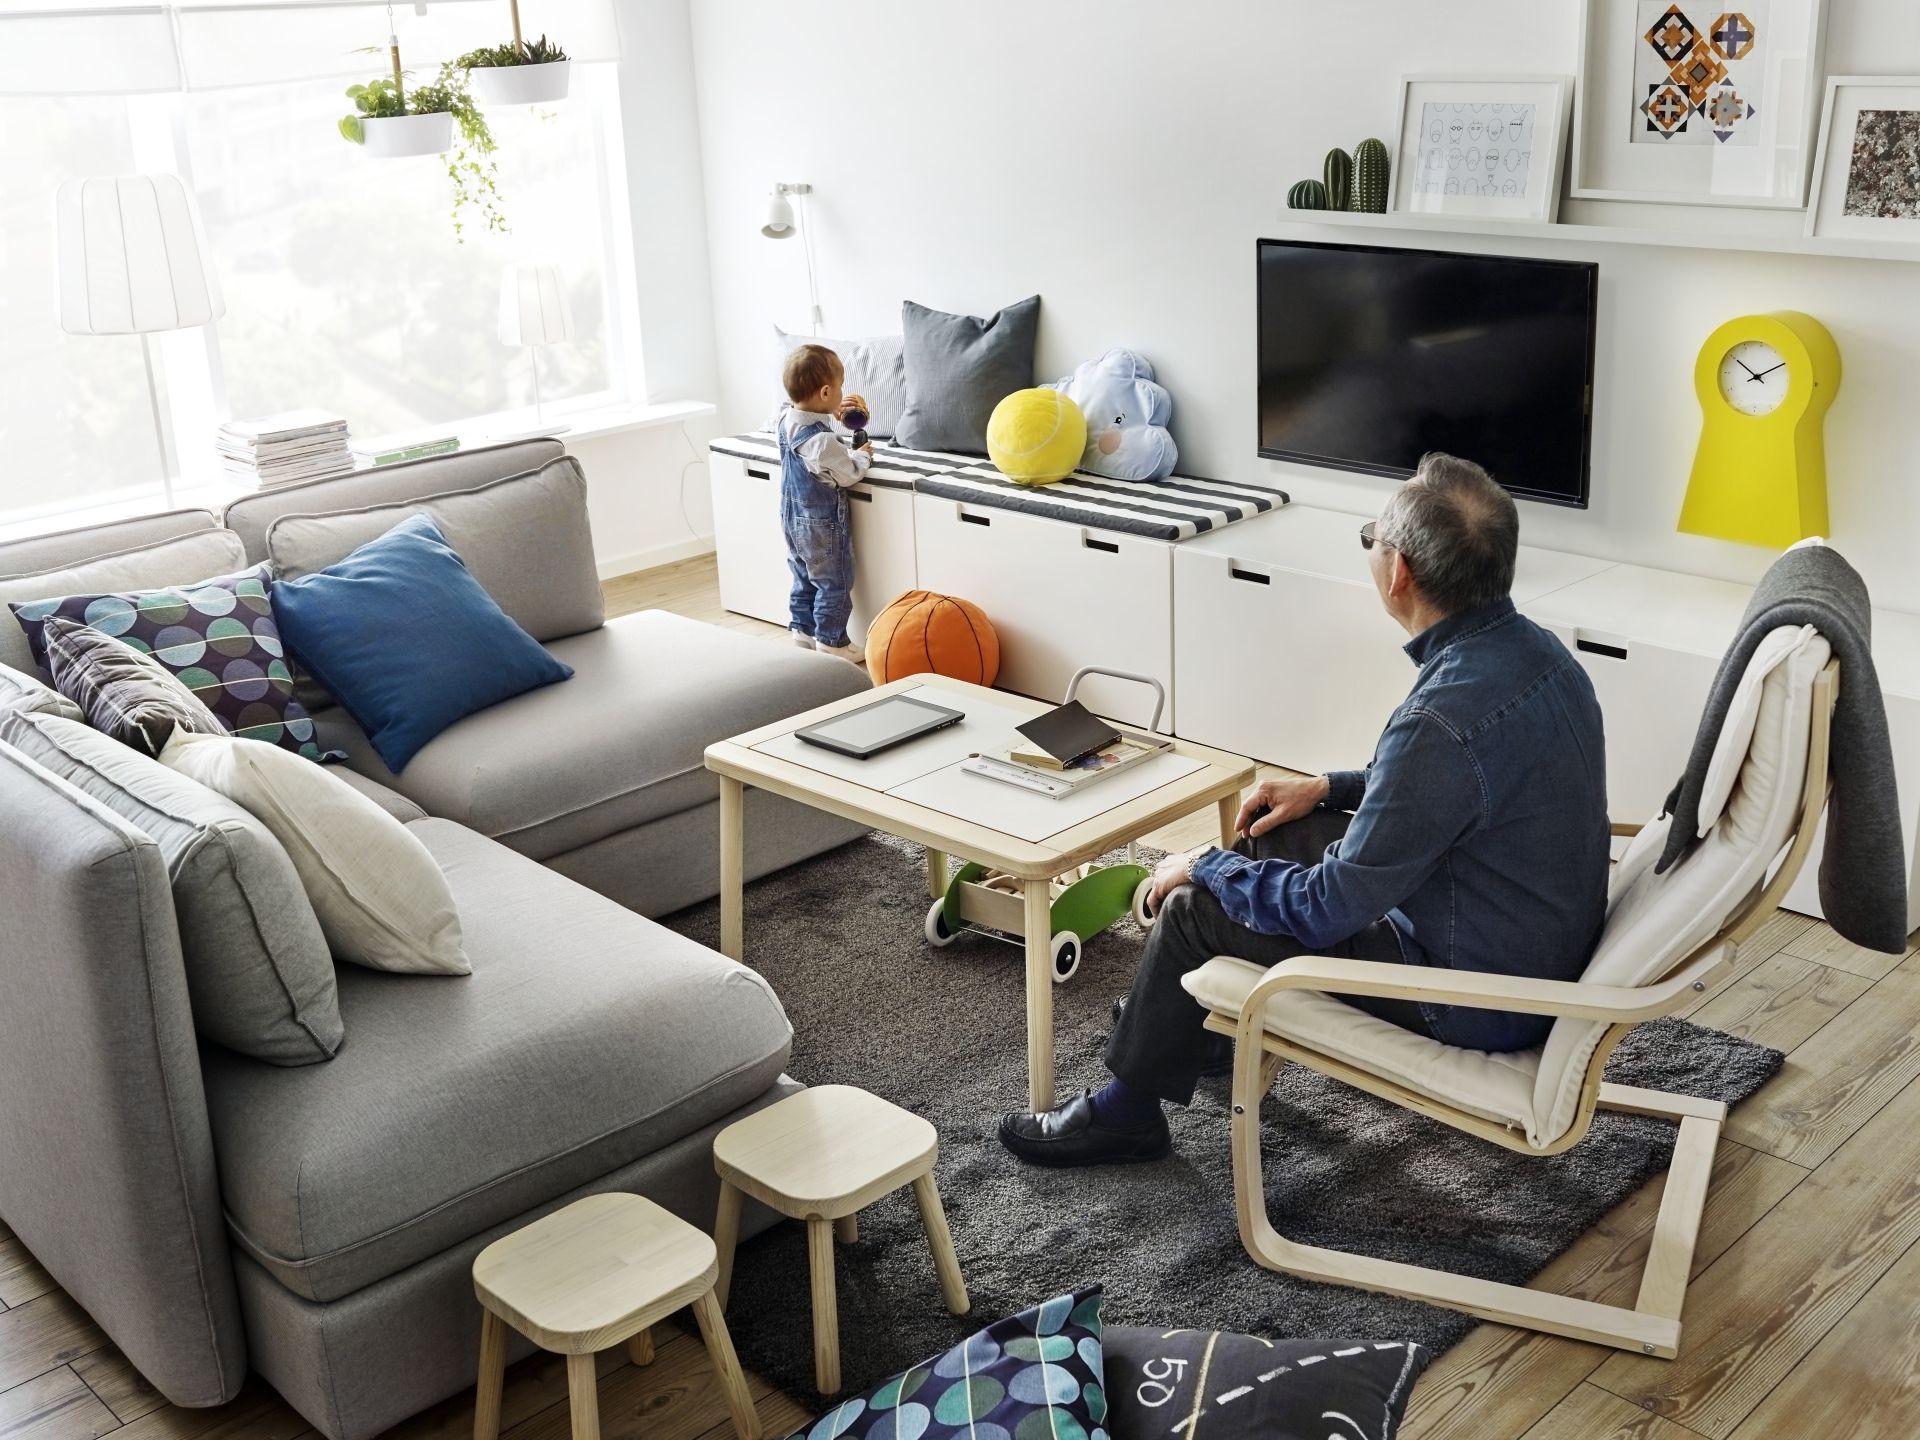 VALLENTUNA Zitmodule met bed en rugleuning, Hillared groen | Interiors